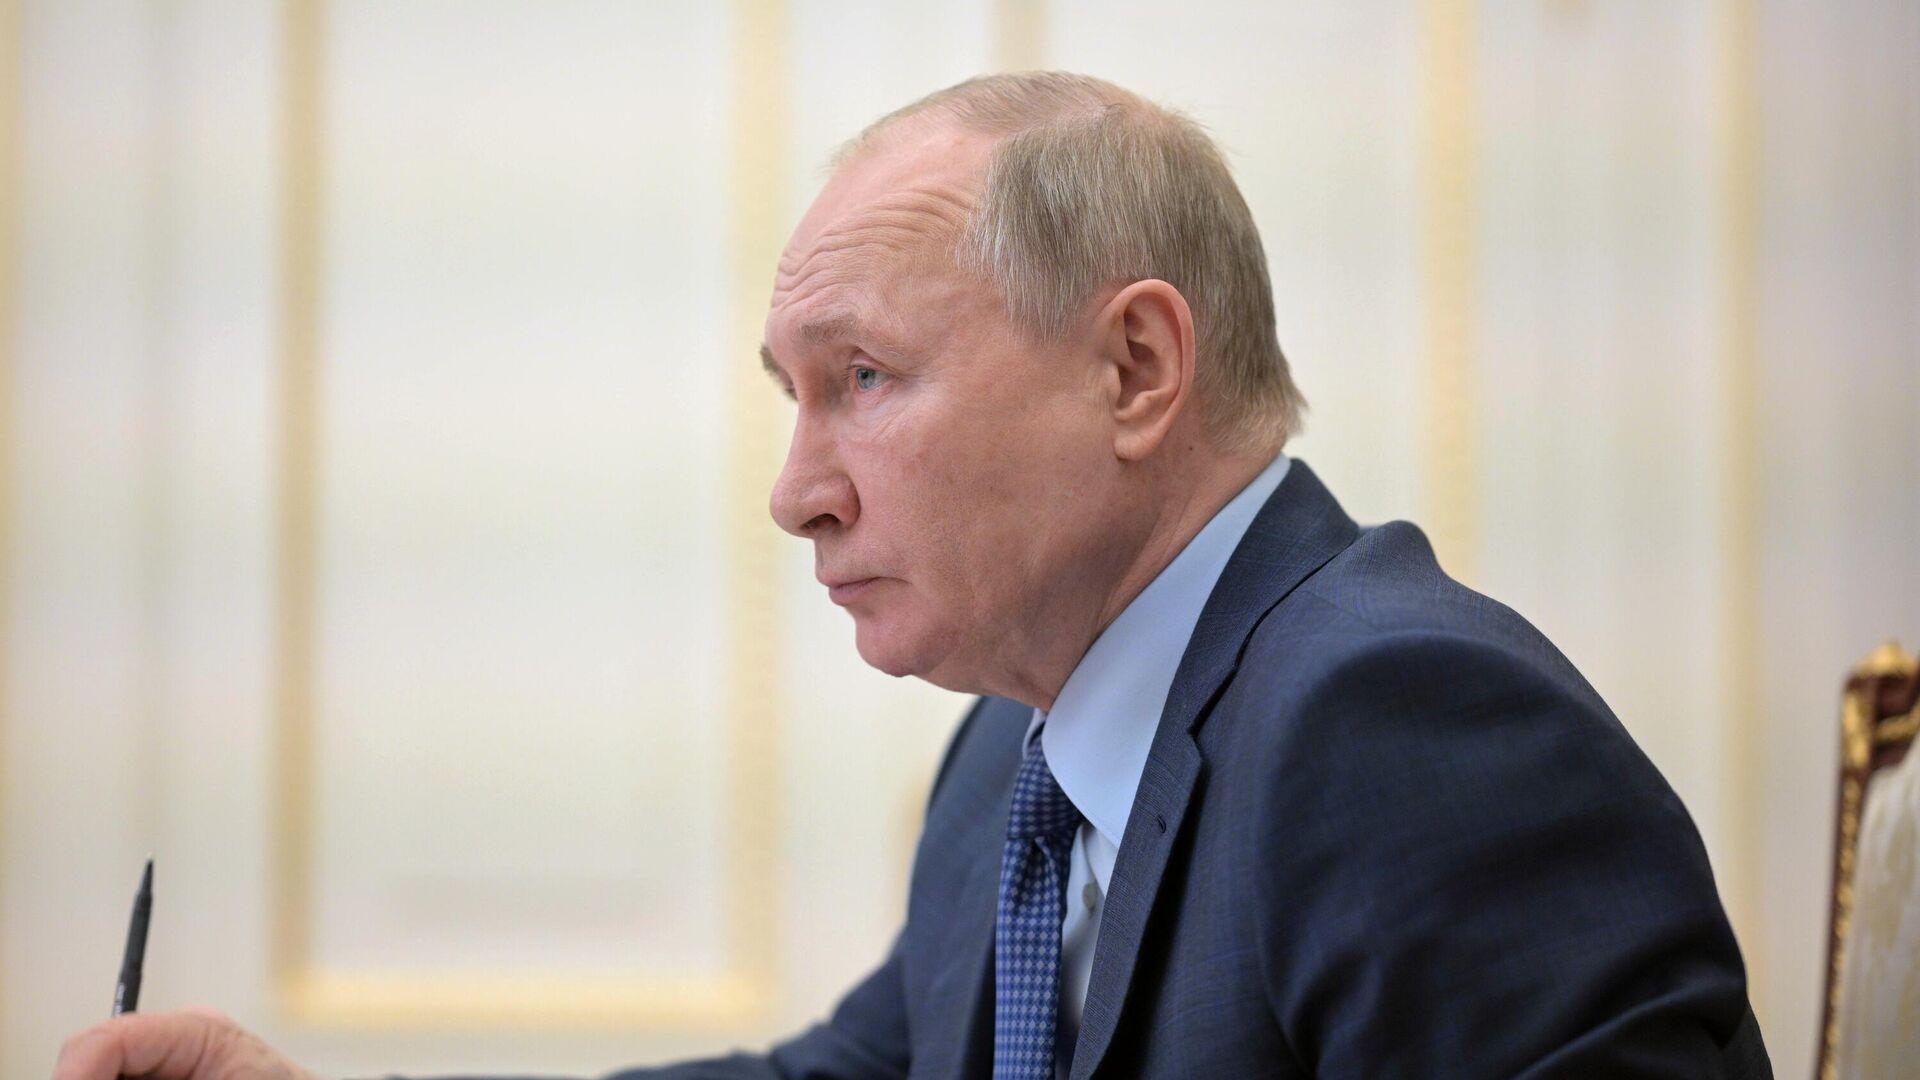 Президент РФ Владимир Путин проводит совещание о реализации посланий президента 2019 и 2020 годов - РИА Новости, 1920, 08.04.2021